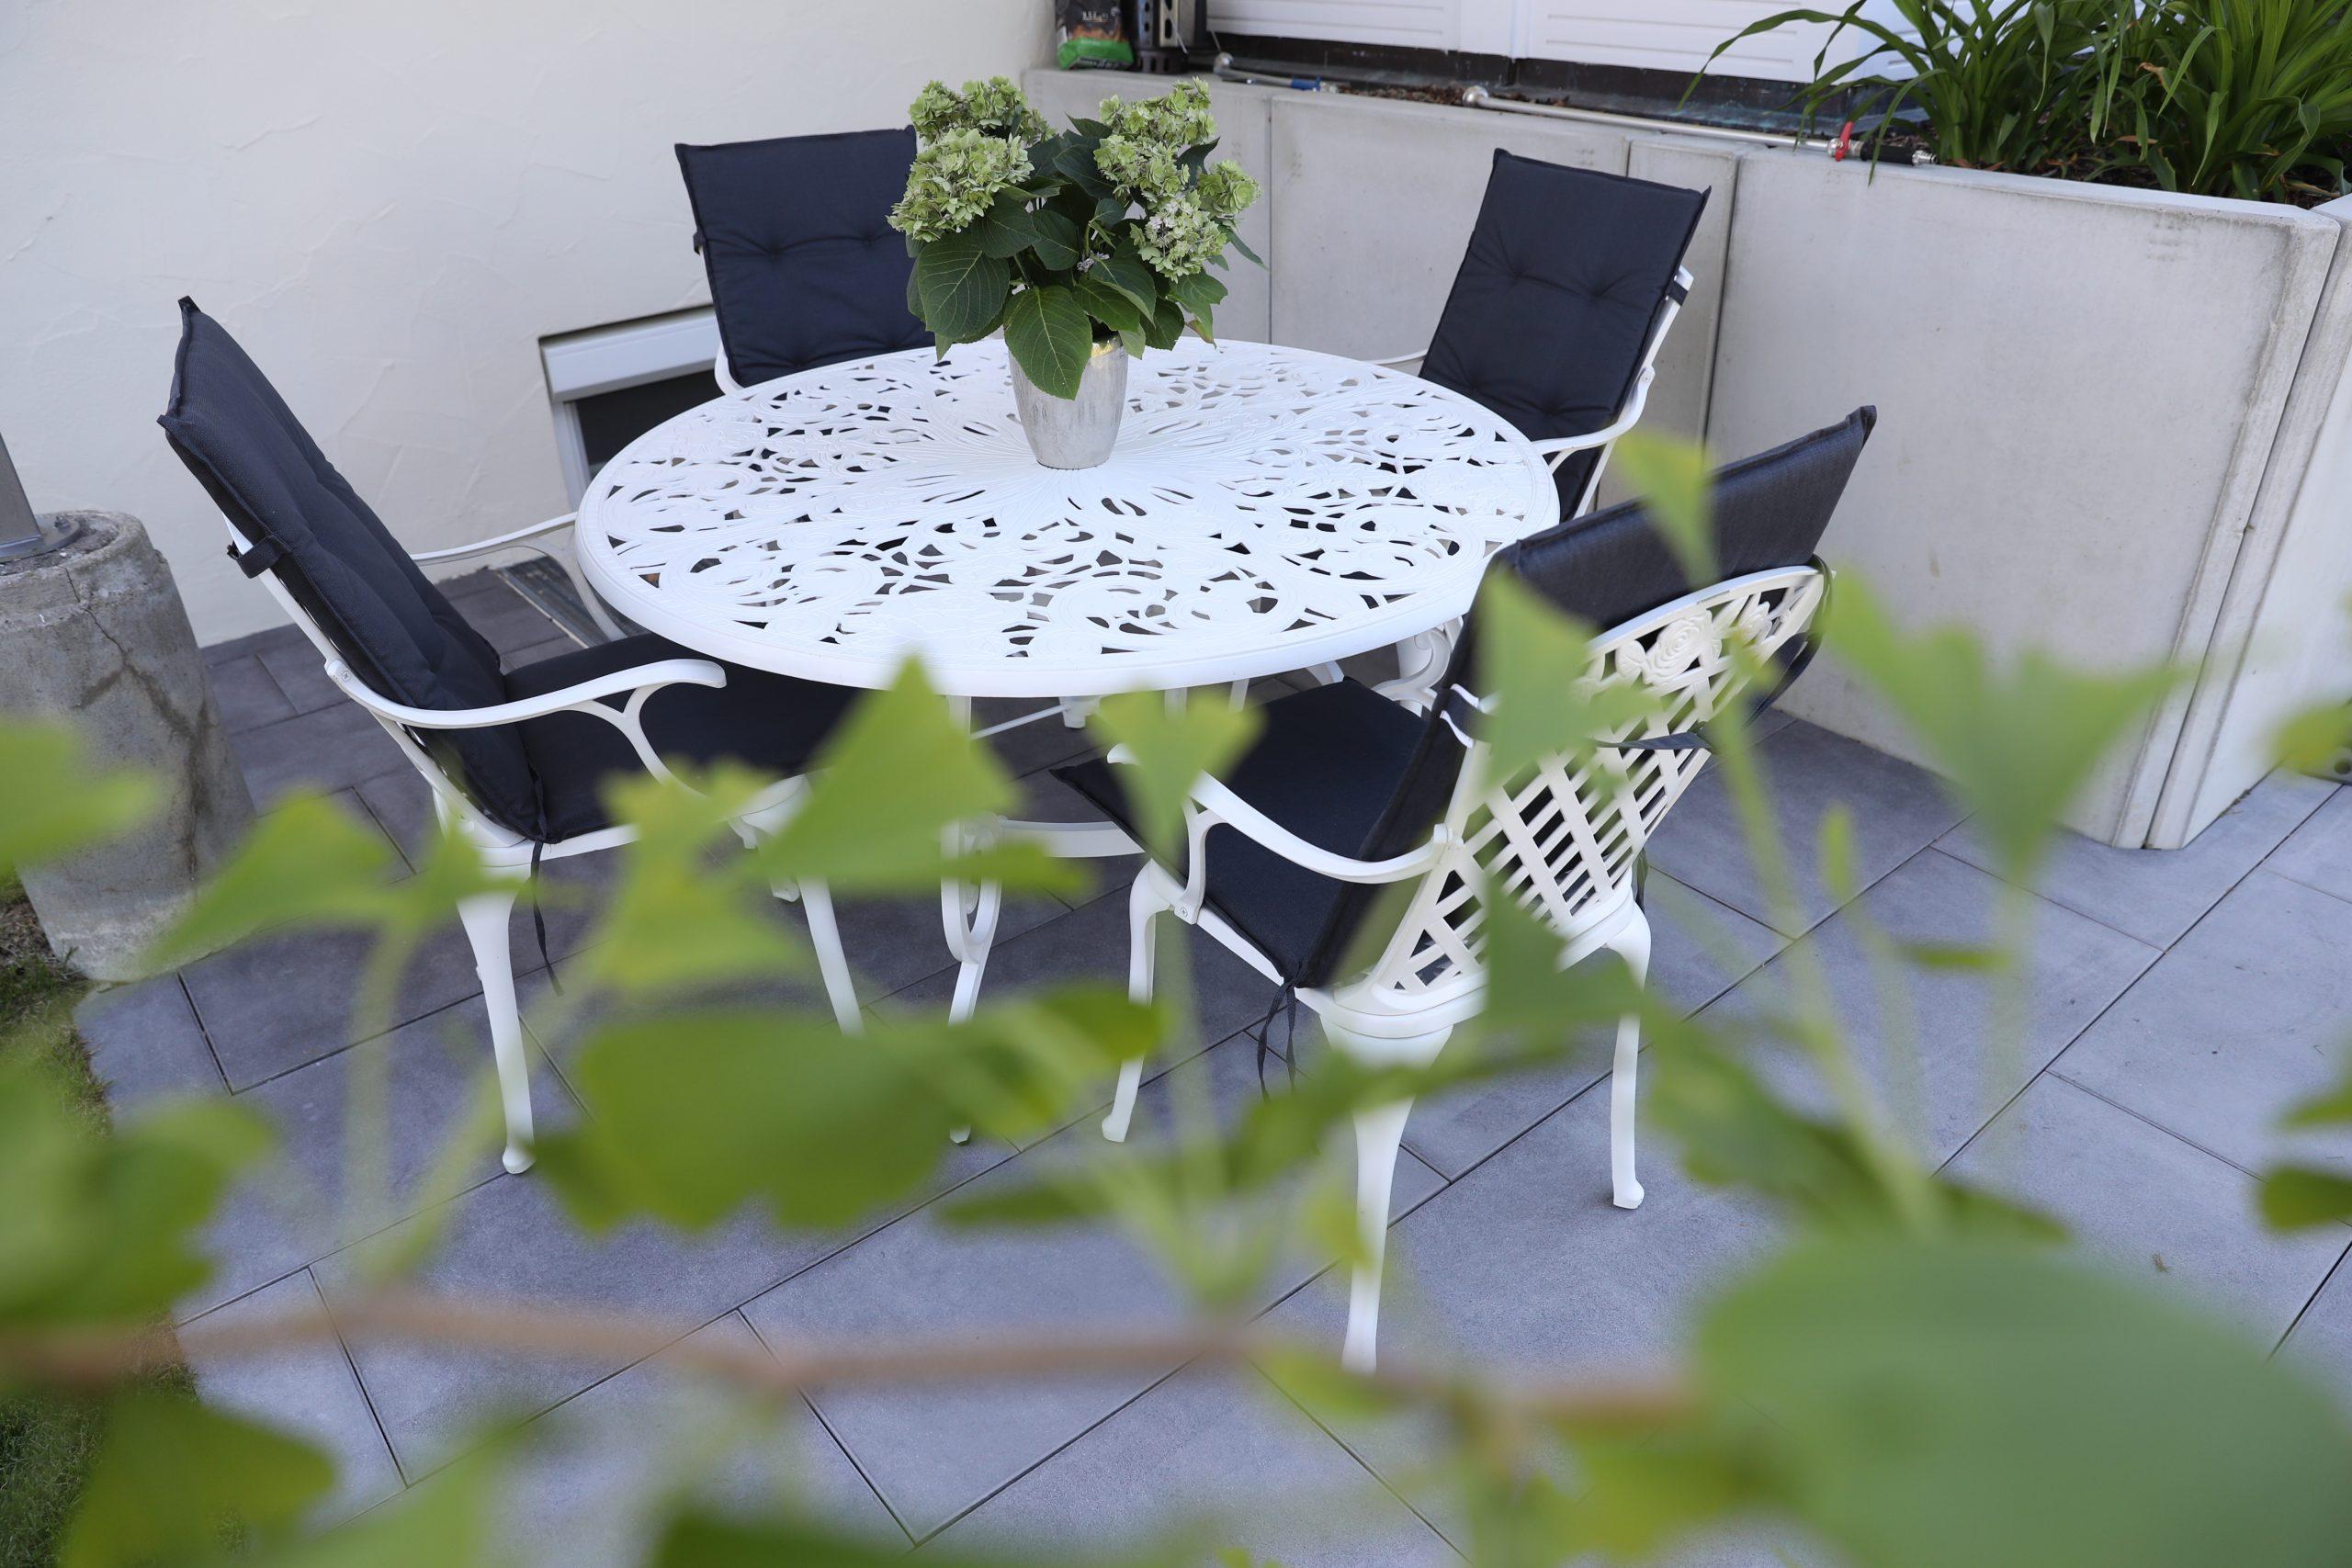 Designgarten | Terrasse | Sichtbeton | Mauerscheiben